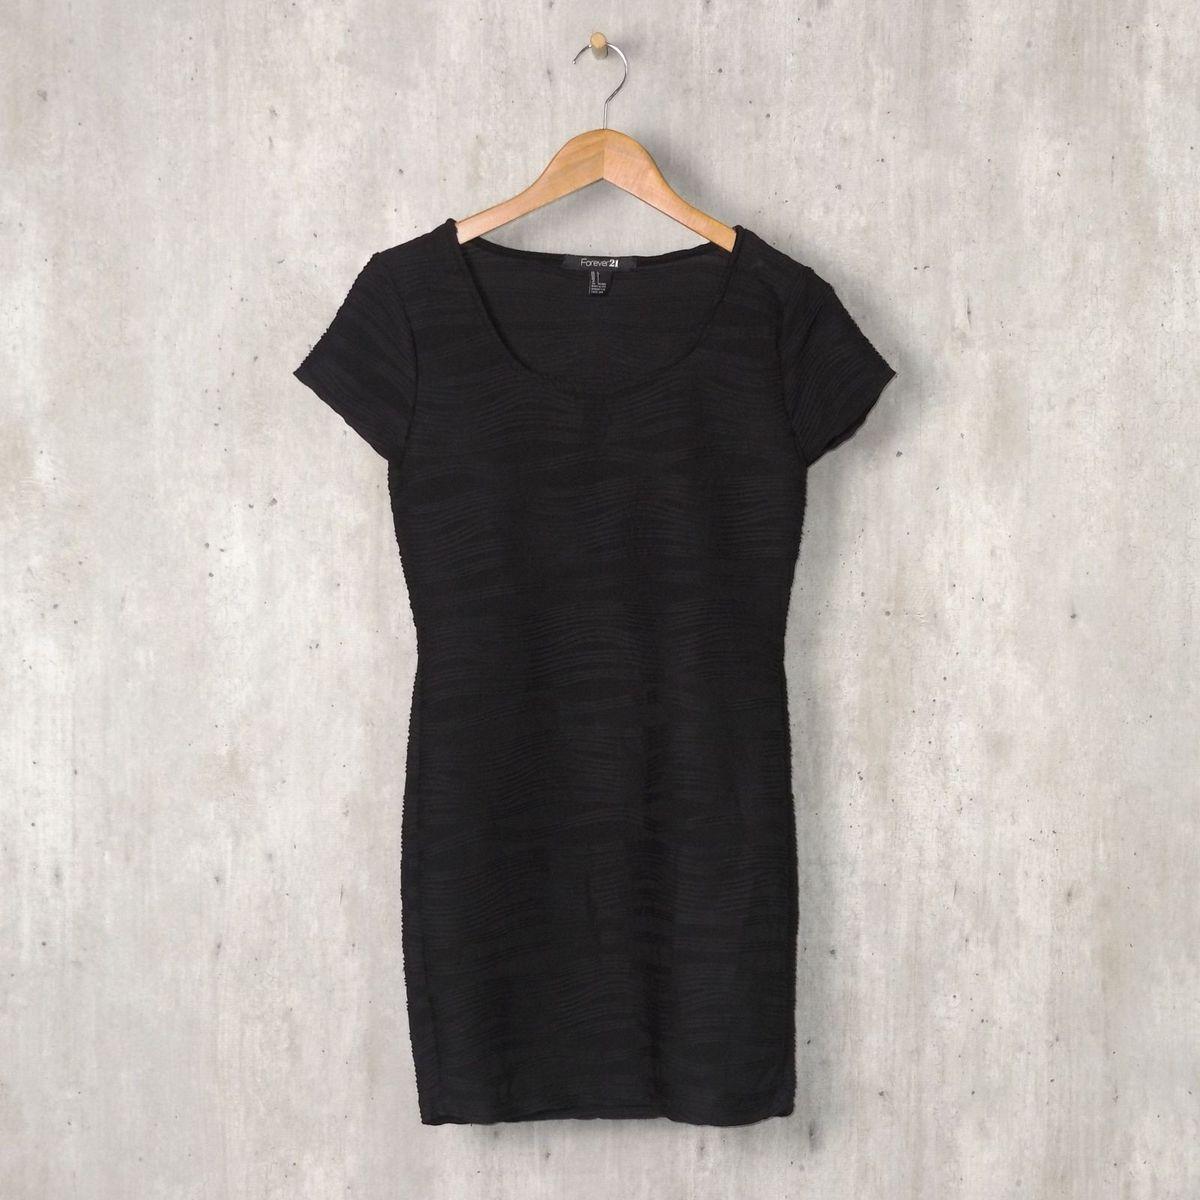 ccf516fcf9f vestido preto forever 21 - vestidos forever 21.  Czm6ly9wag90b3muzw5qb2vplmnvbs5ici9wcm9kdwn0cy83mzk0mtqxlzvmzjlkyzhlmzhizdzkndjinmq0ota0mgy1nzg1otm3lmpwzw  ...